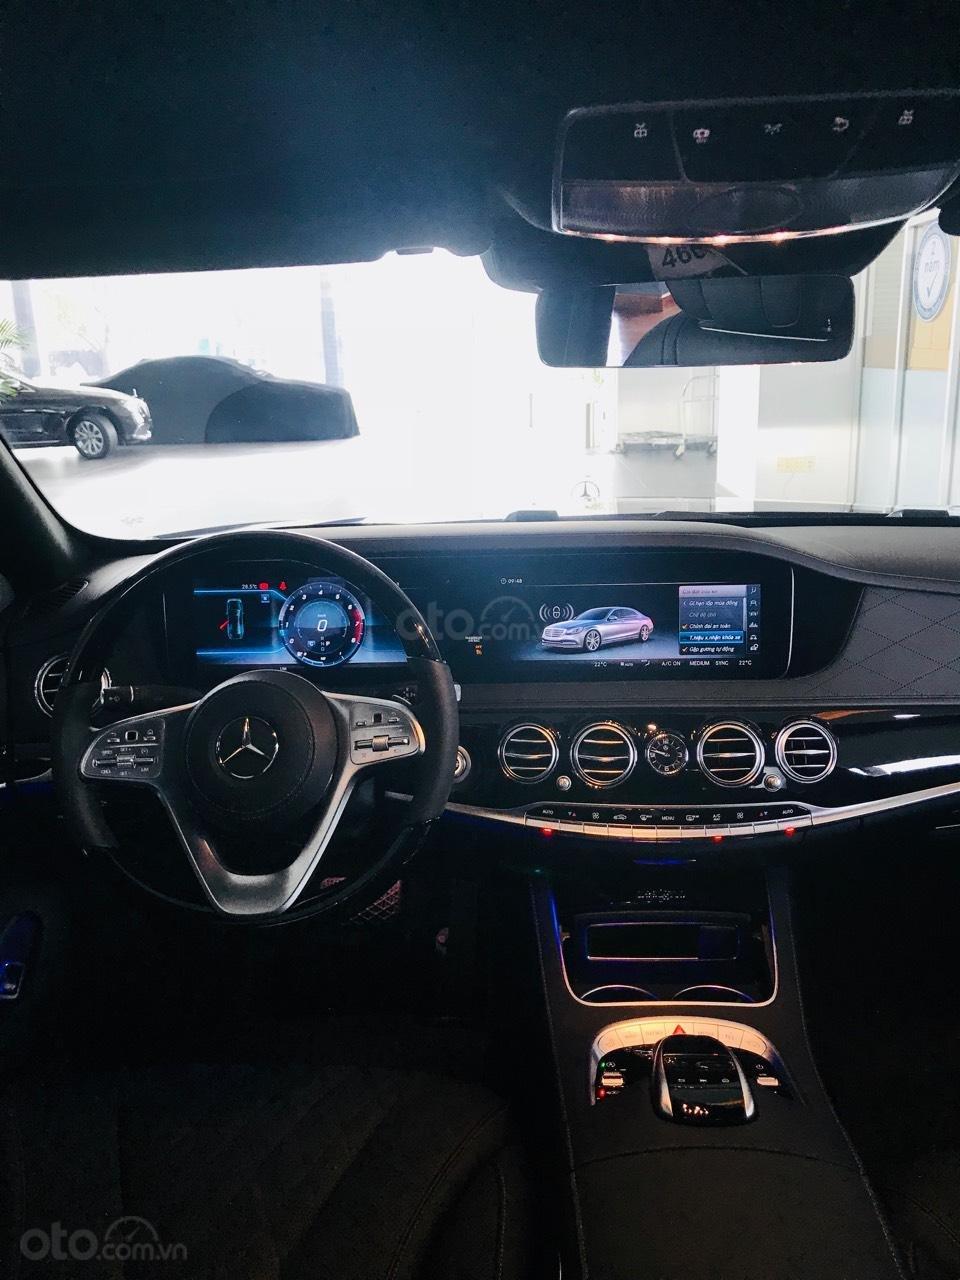 Bán Mercedes S450 Luxury 2019 xuất hiện tại thị trường Việt Nam, đẳng cấp (8)